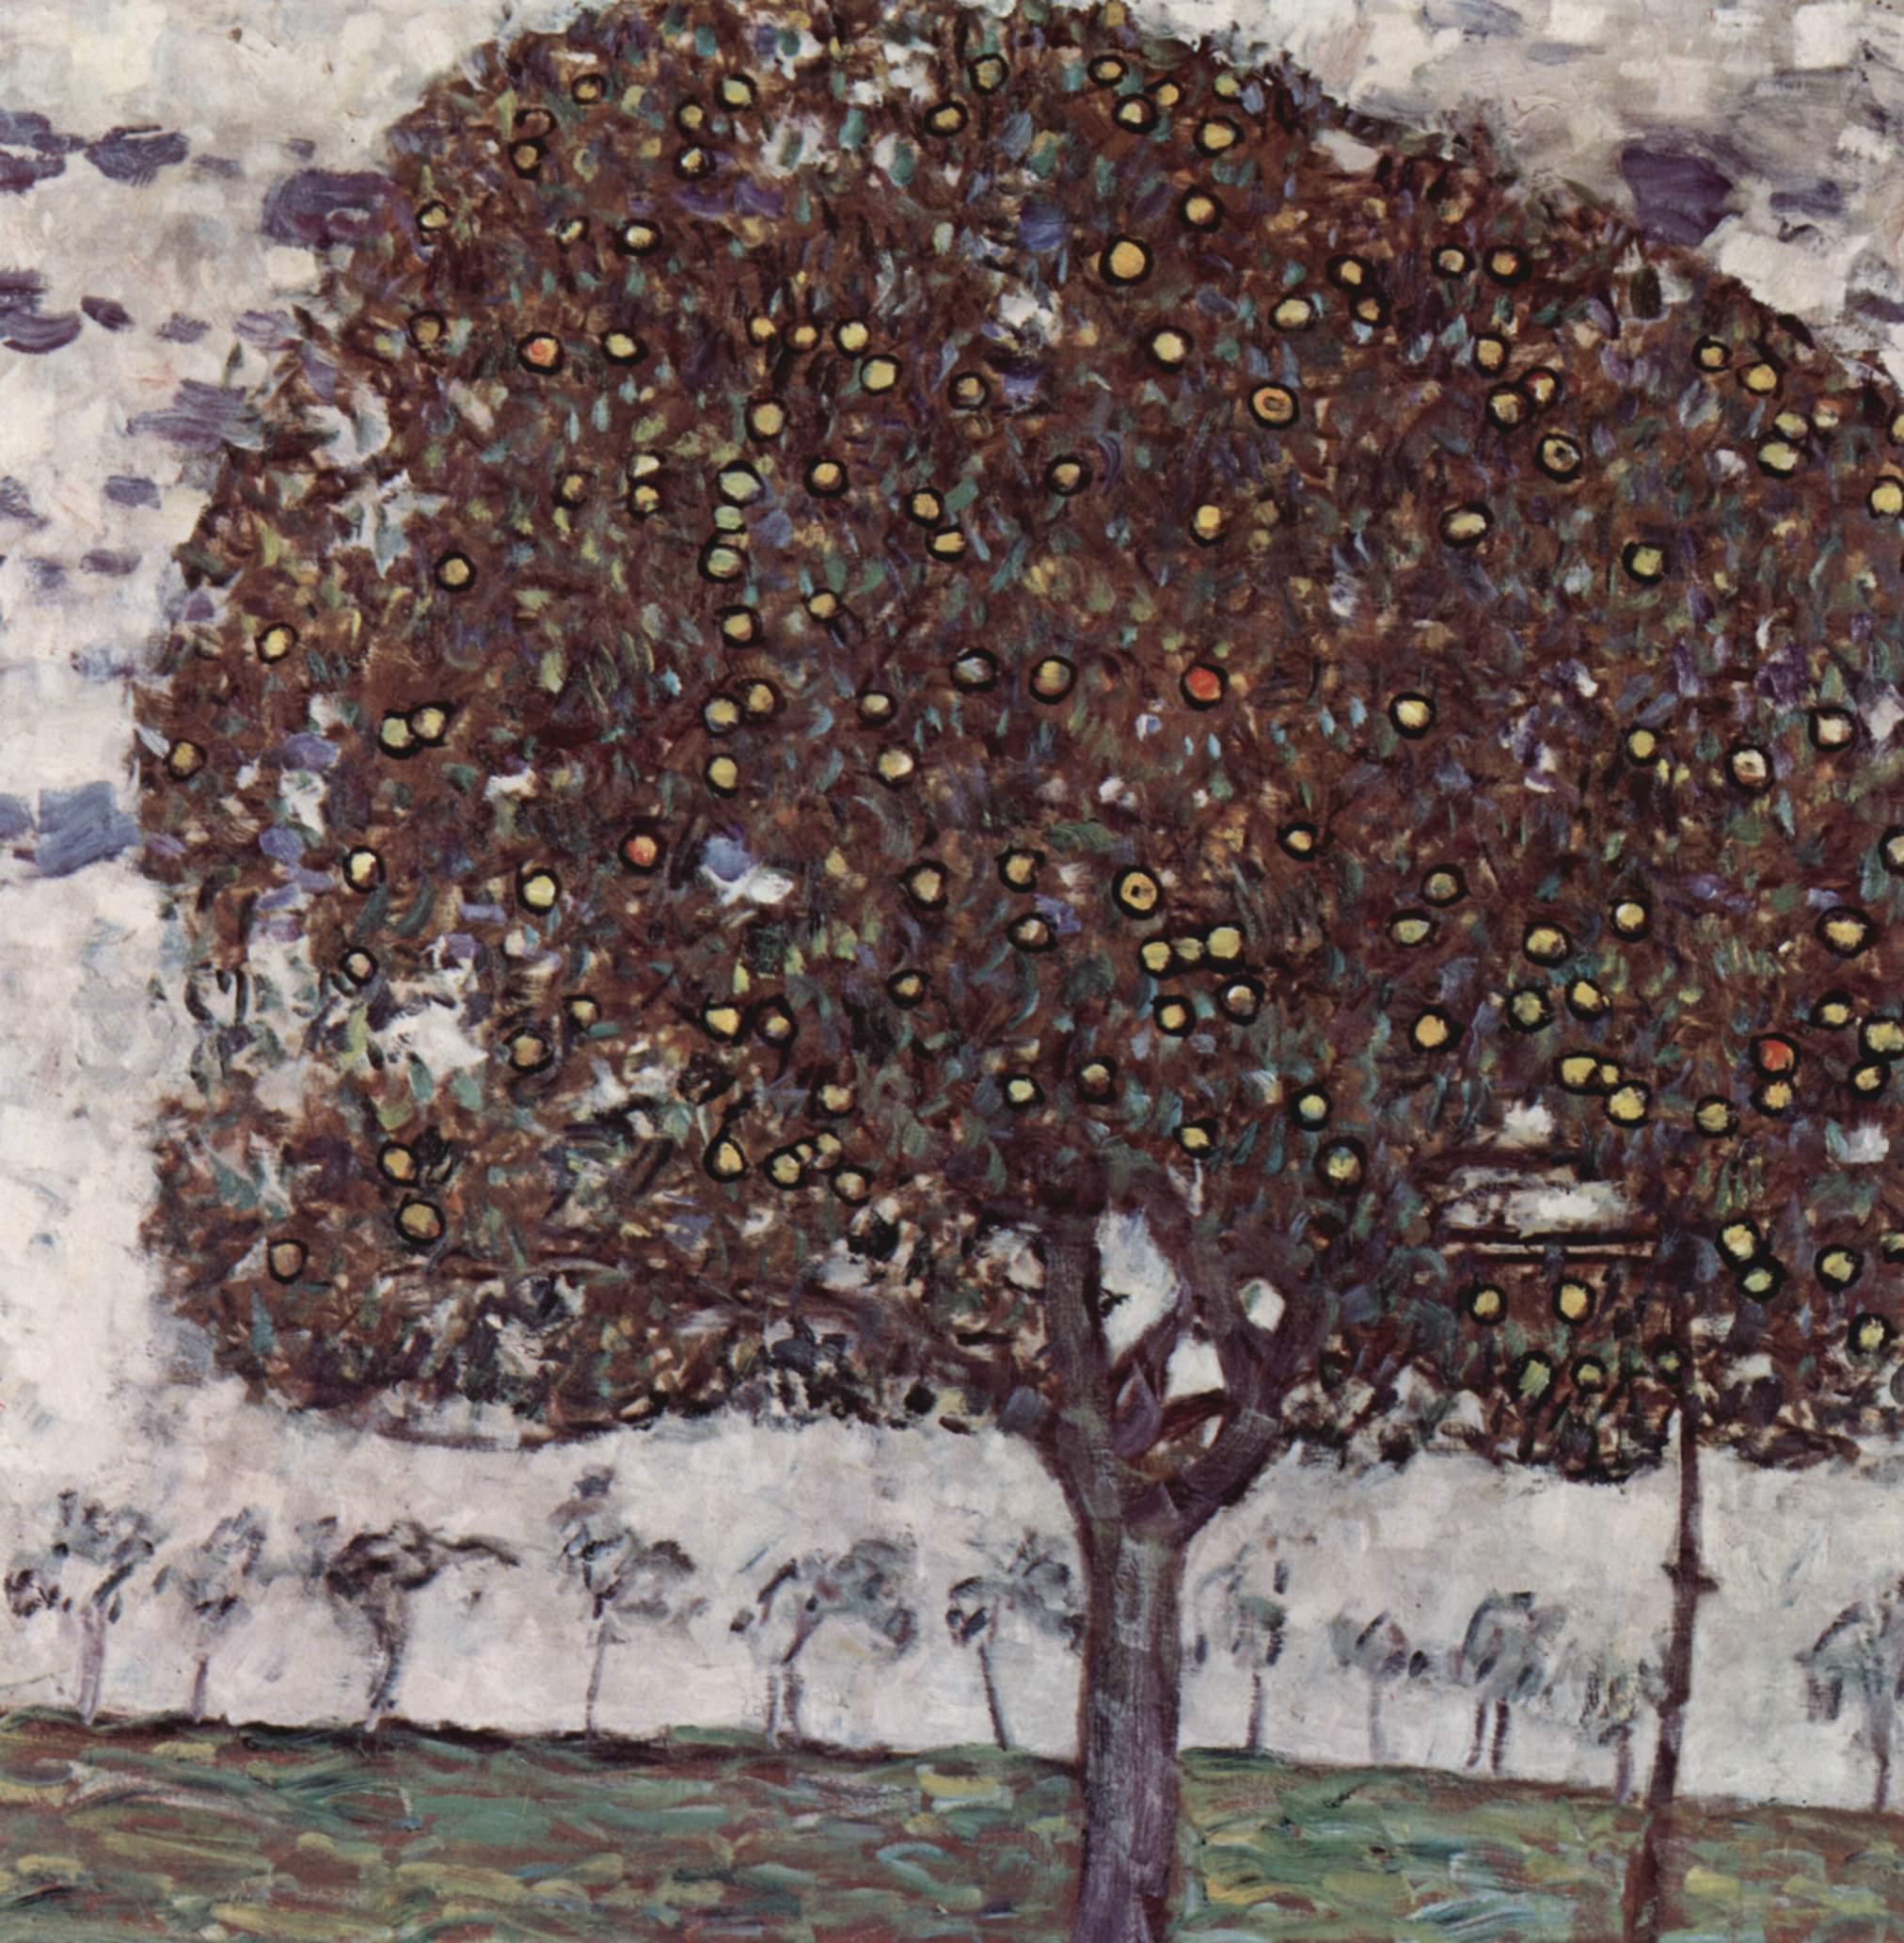 http://upload.wikimedia.org/wikipedia/commons/1/10/Gustav_Klimt_013.jpg